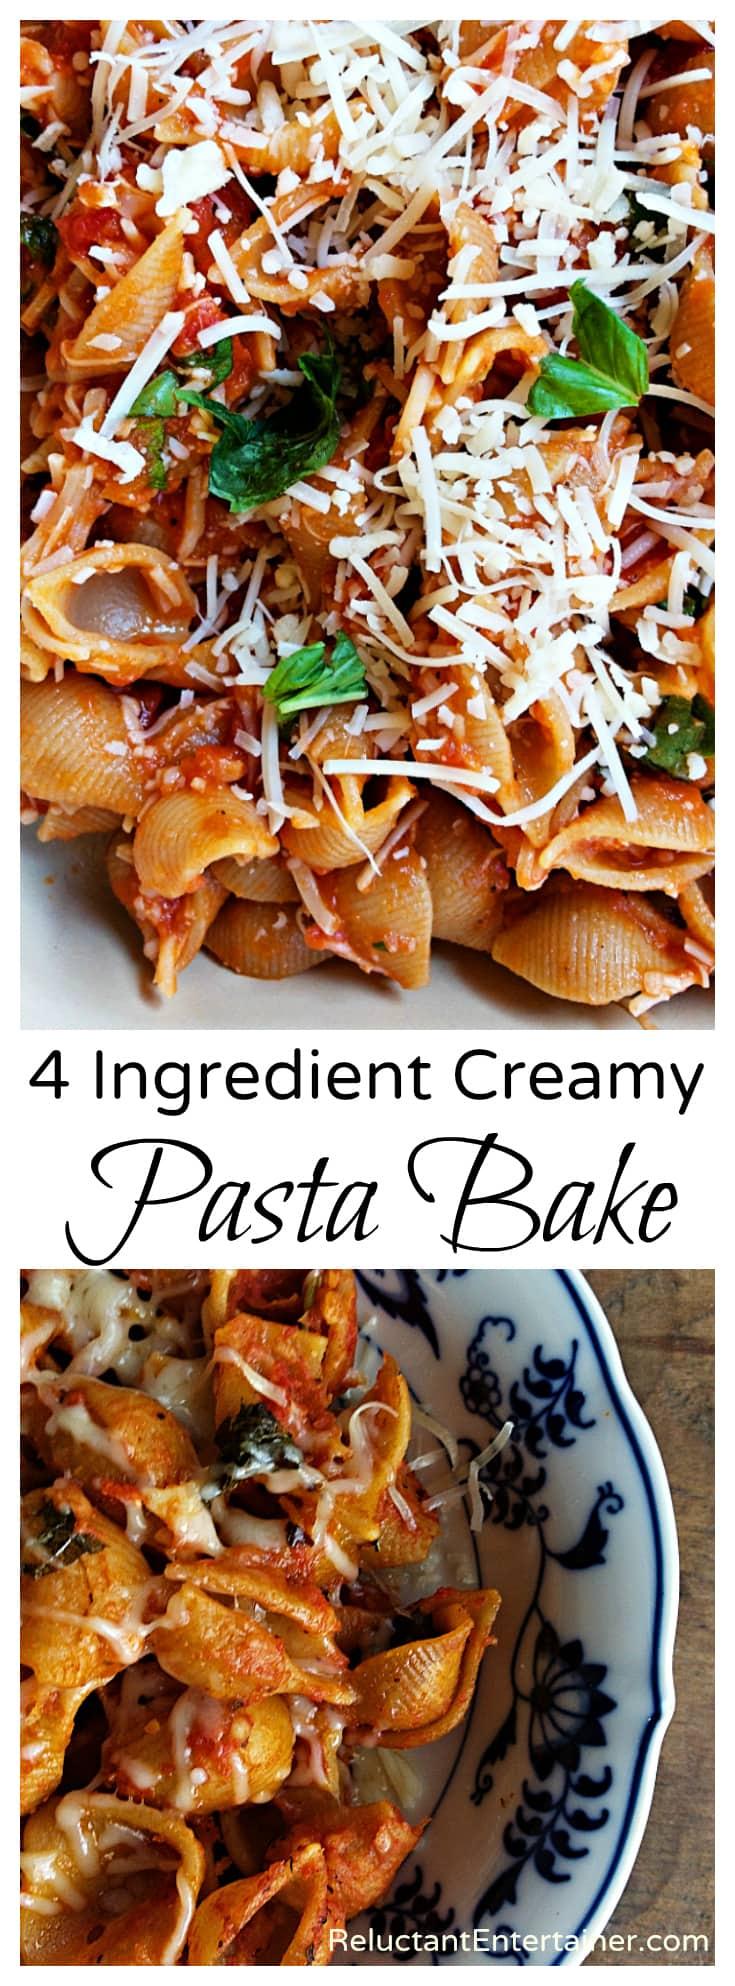 4 Ingredient Creamy Pasta Bake